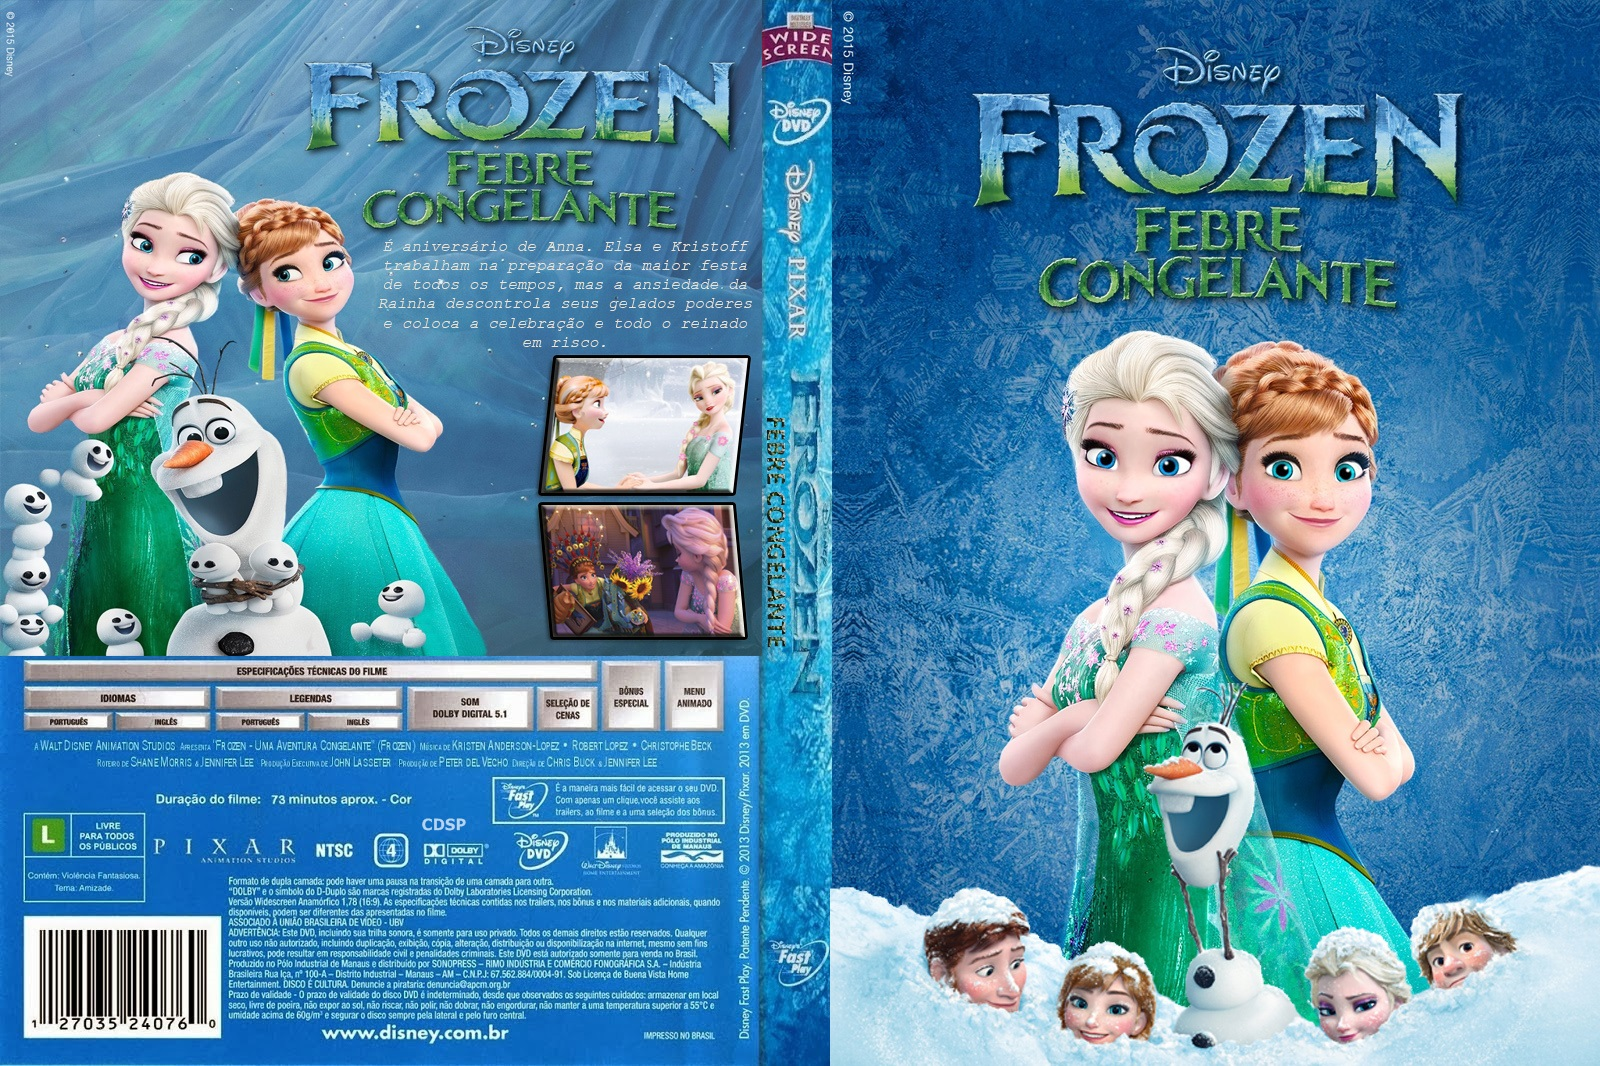 Baixar Frozen Febre Congelante BDRip XviD Dual Áudio Frozen 2B  2BFEBRE 2BCONGELANTE